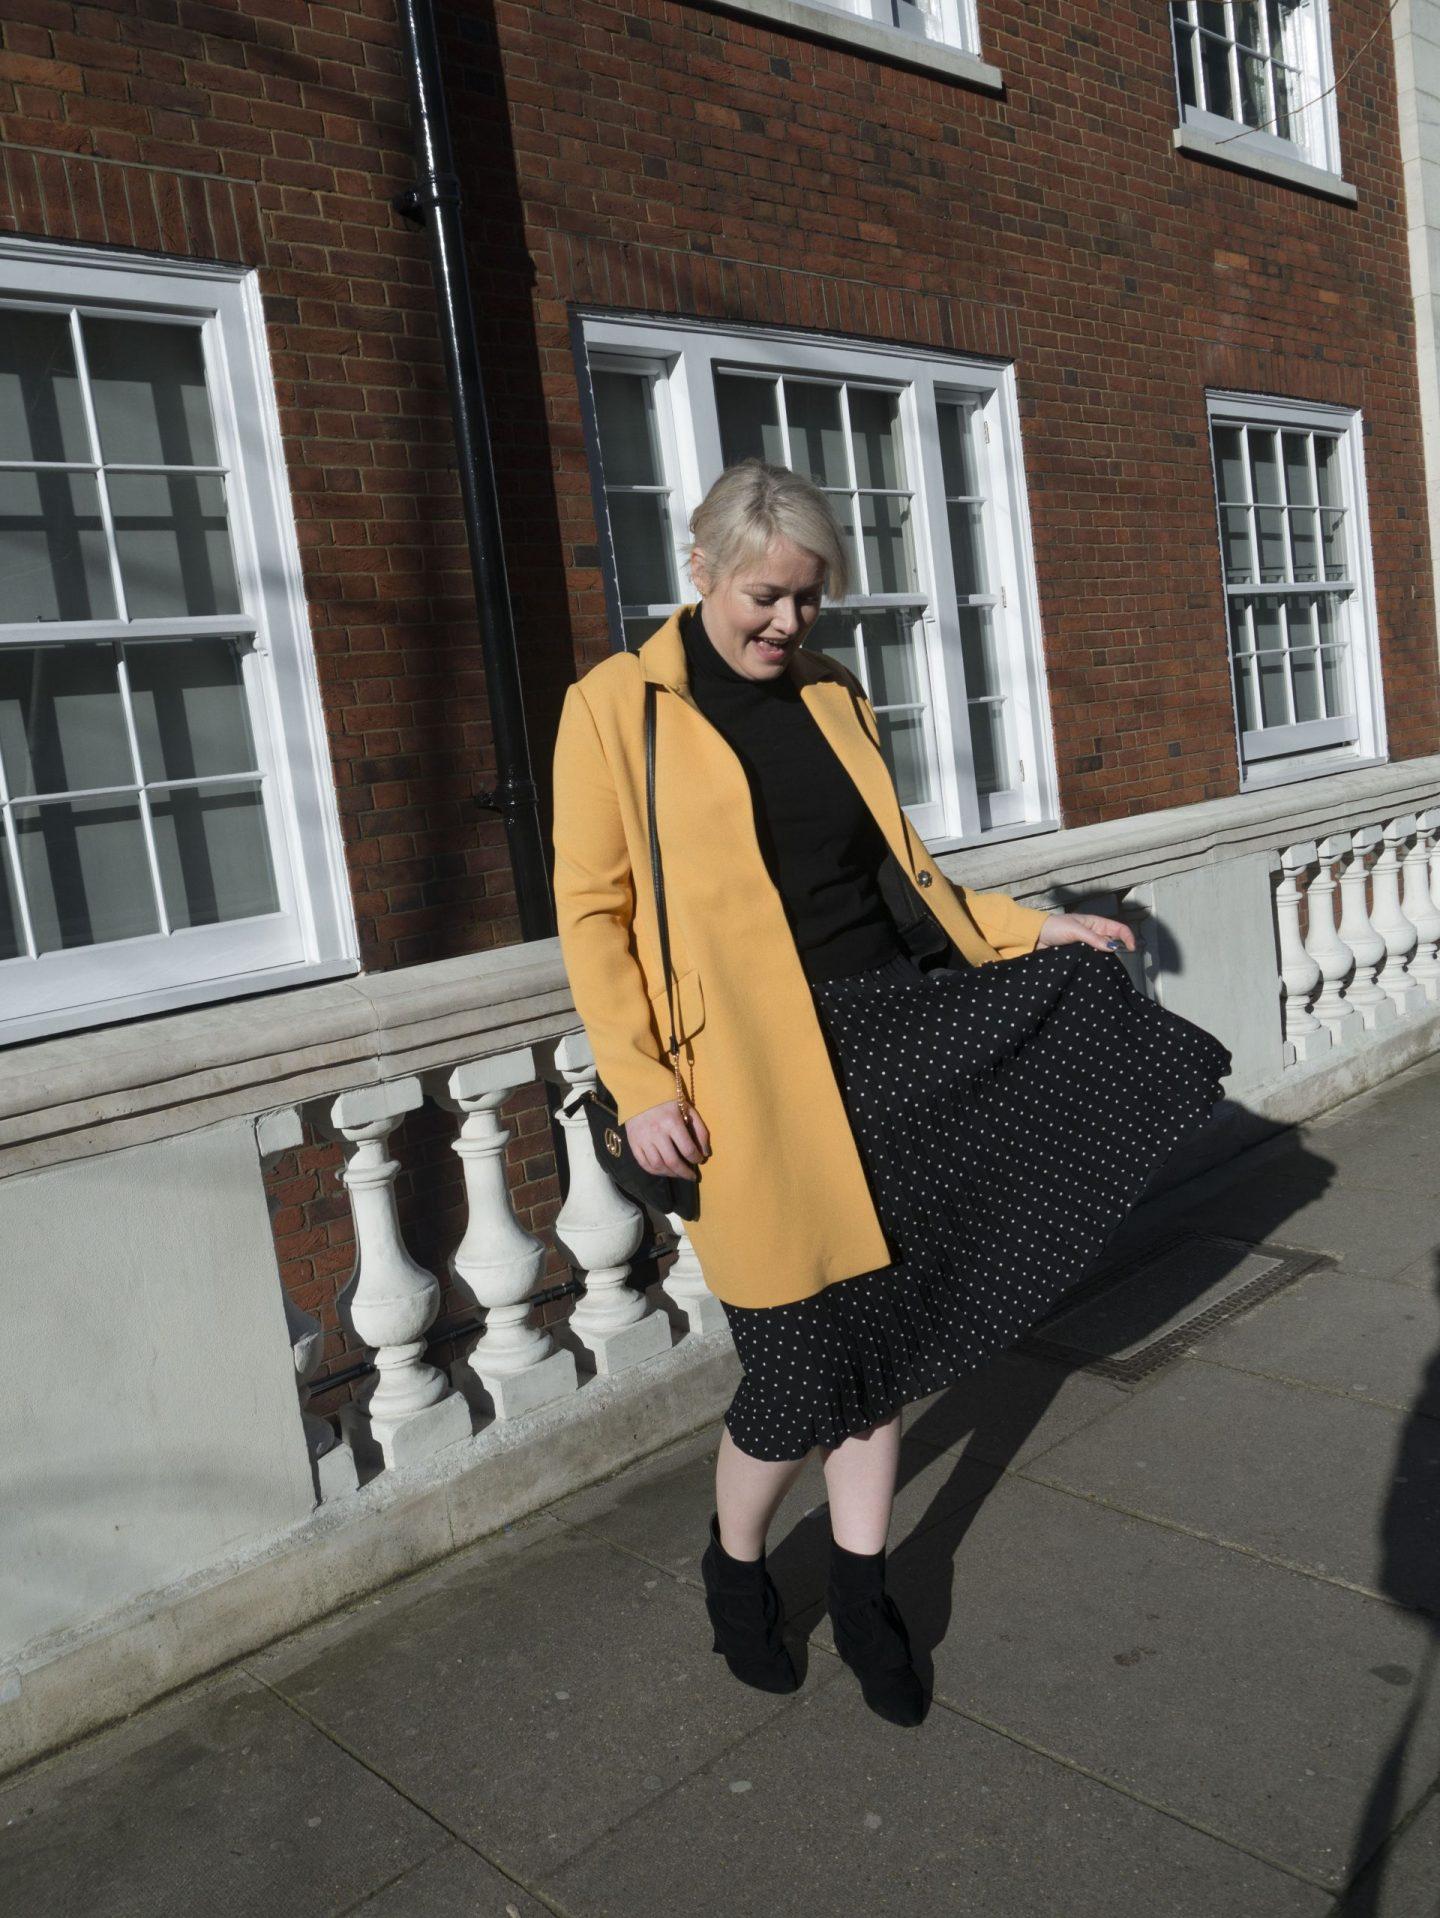 Lorna Weightman London Fashion Week wearing Penneys